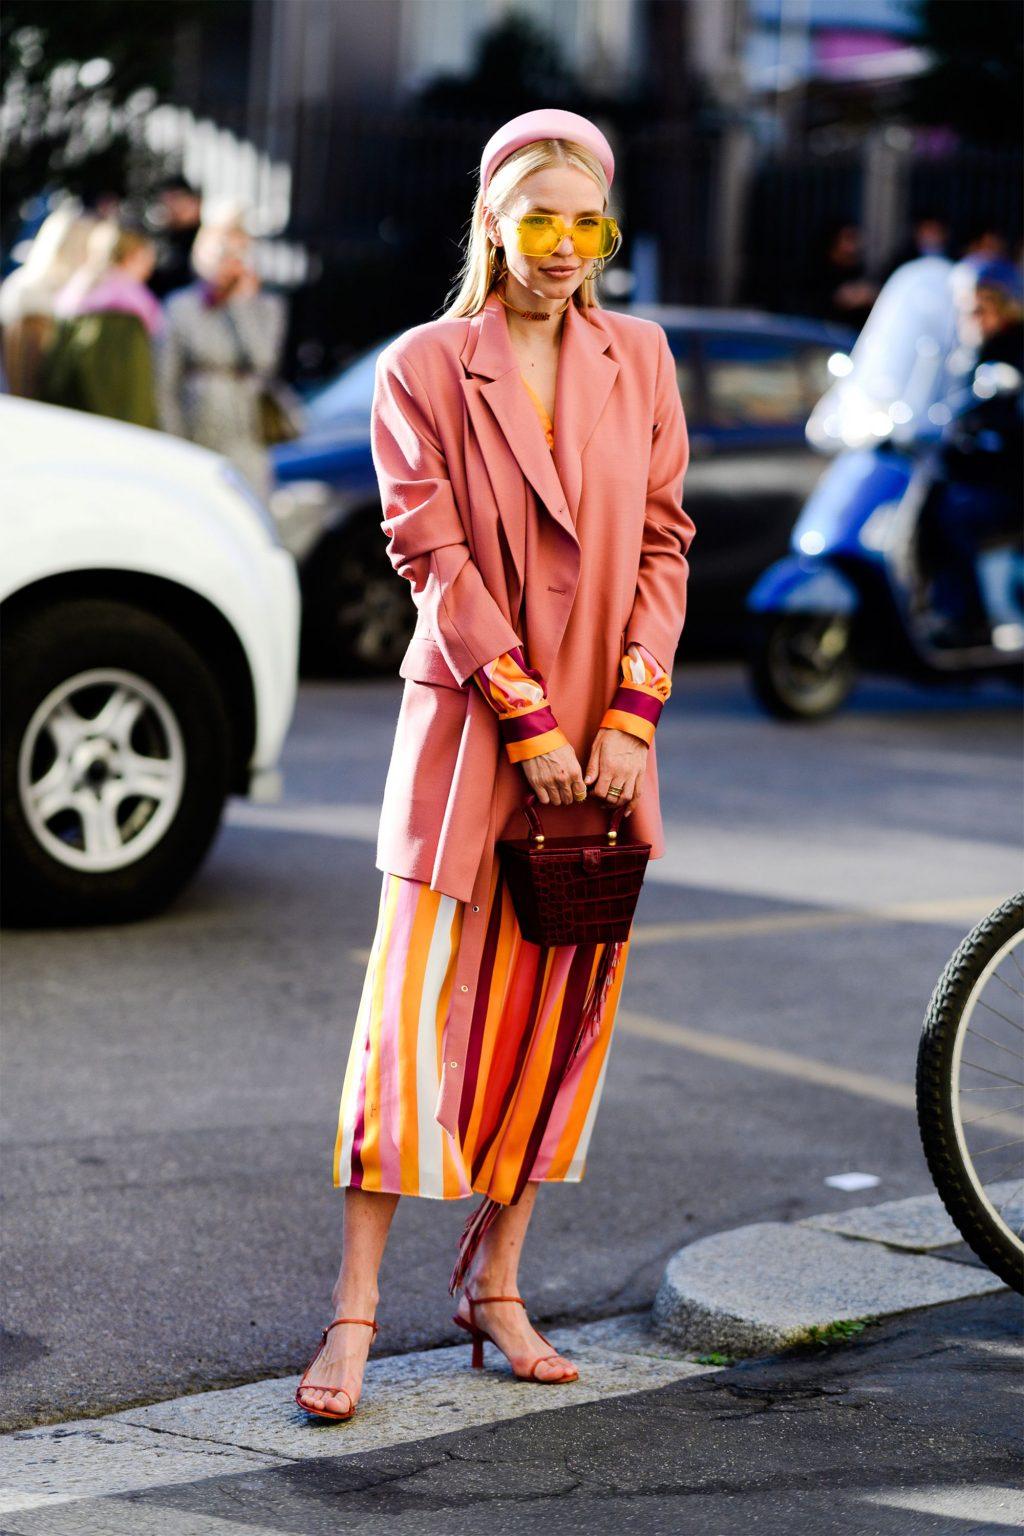 fashionista diện blazer hồng, băng đô hồng, kính mát bản lớn vàng, đầm kẻ sọc và túi xách hình học